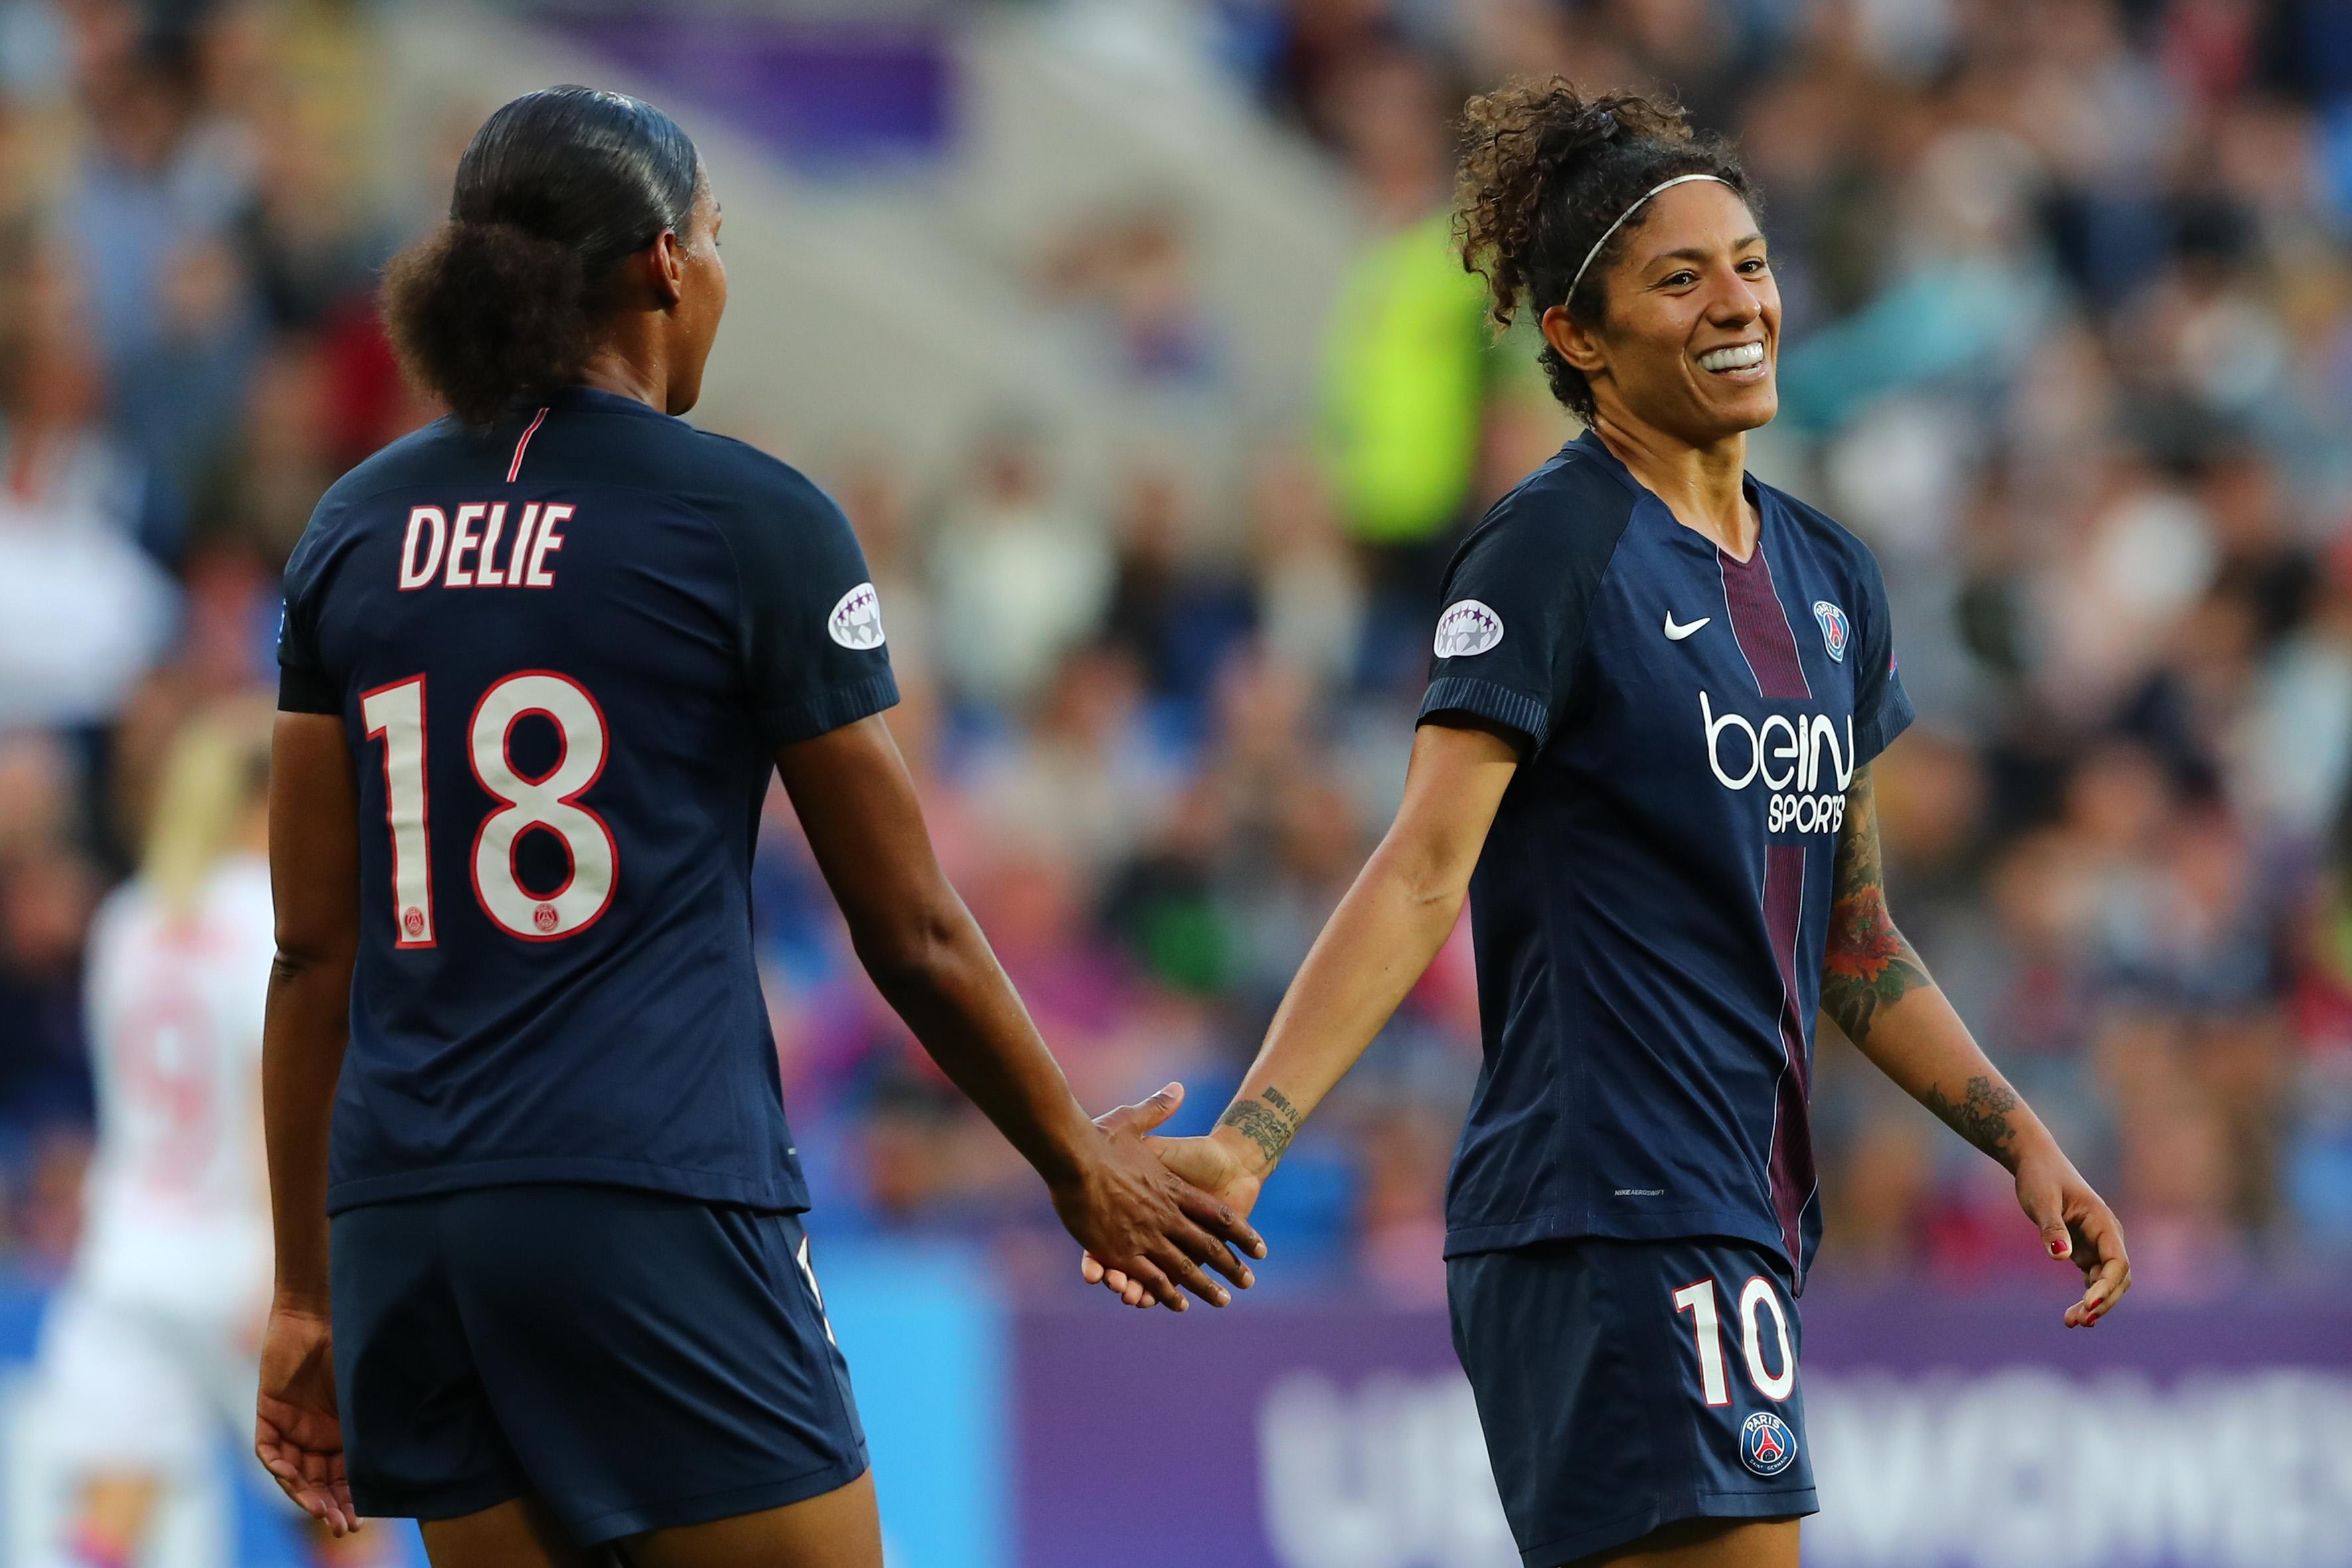 Football - Ligue 1 - PSG : les filles laissées à l'abandon